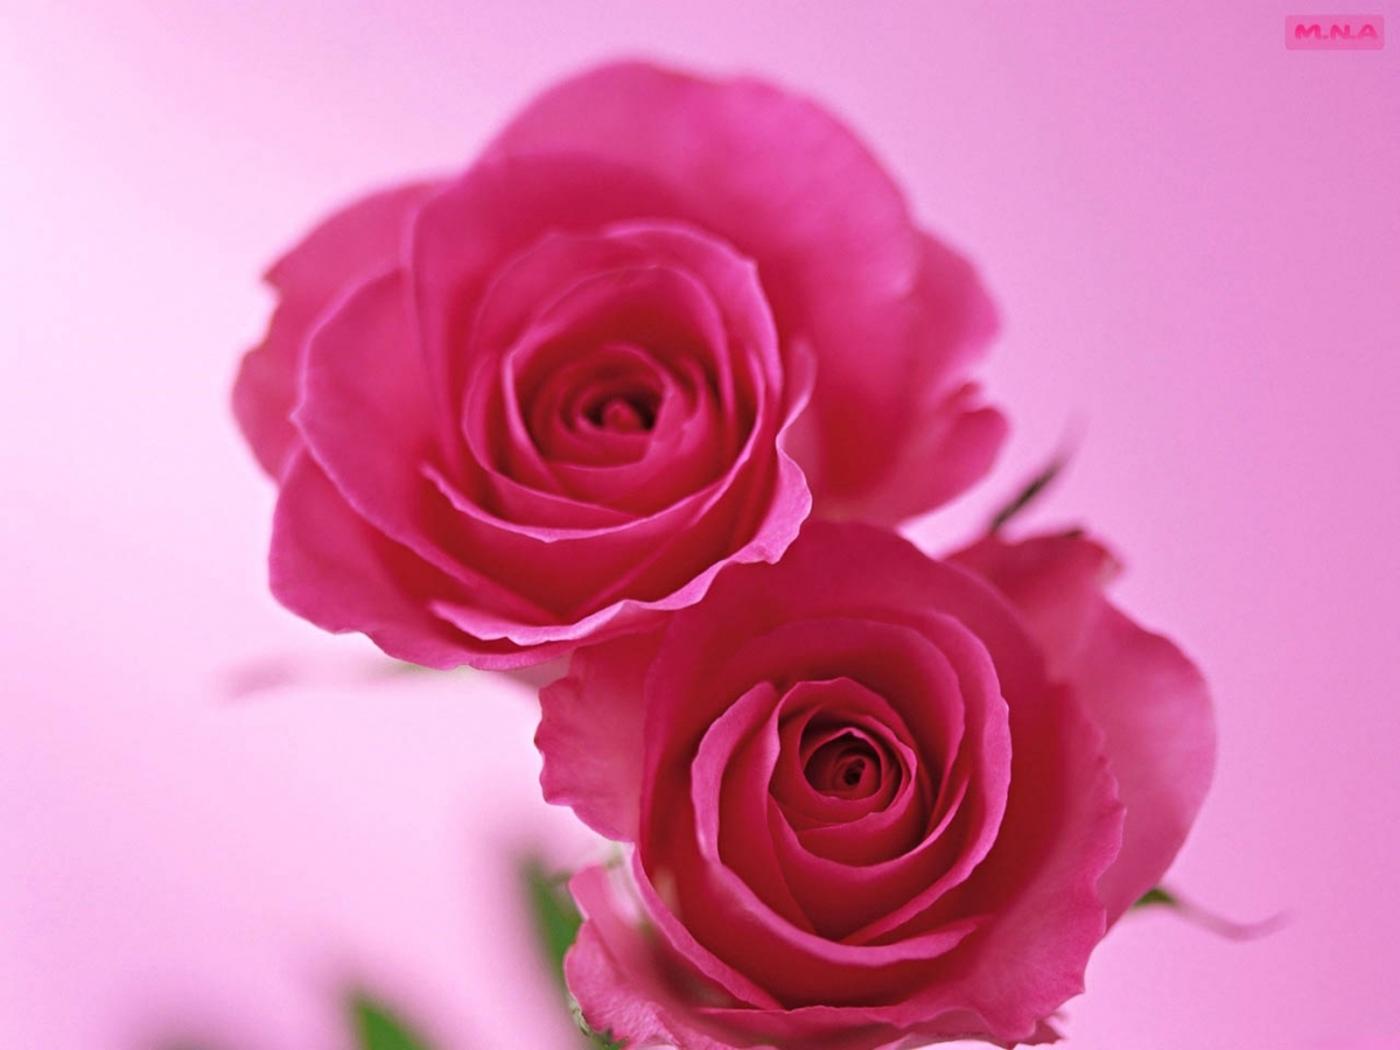 Téléchargez des papiers peints mobile Roses, Plantes, Fleurs gratuitement.